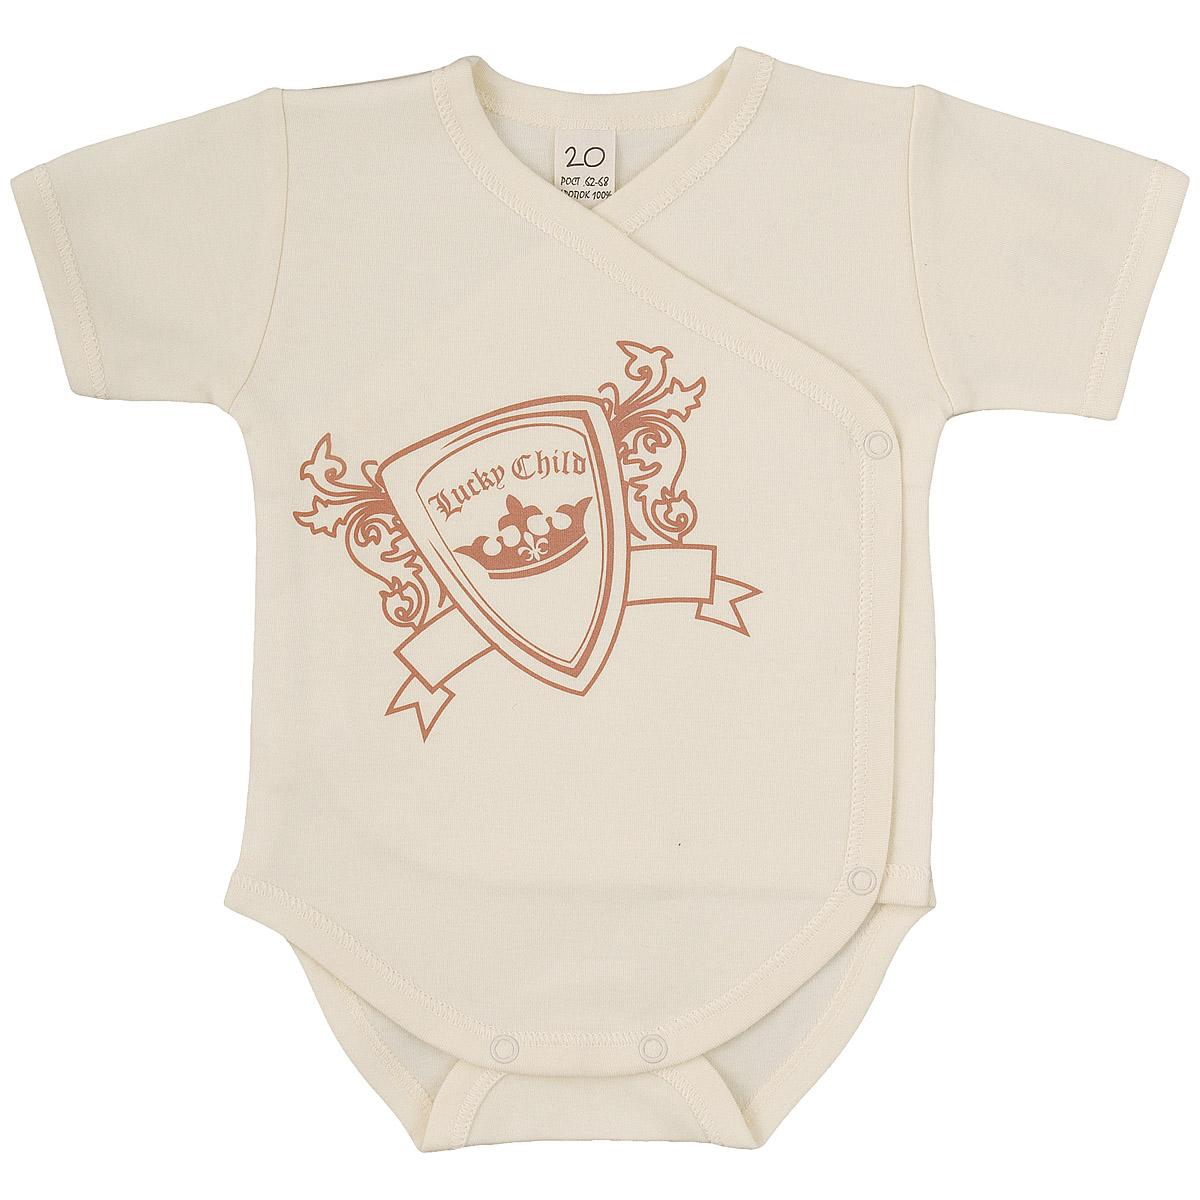 Боди детское. 6-516-51Детское боди Lucky Child с запахом и короткими рукавами послужит идеальным дополнением к гардеробу малыша в теплое время года, обеспечивая ему наибольший комфорт. Боди изготовлено из интерлока - натурального хлопка, благодаря чему оно необычайно мягкое и легкое, не раздражает нежную кожу ребенка и хорошо вентилируется, а эластичные швы приятны телу малыша и не препятствуют его движениям. Удобные застежки-кнопки спереди на ластовице помогают легко переодеть младенца и сменить подгузник. Боди спереди оформлено принтом в виде логотипа бренда. Боди полностью соответствует особенностям жизни малыша в ранний период, не стесняя и не ограничивая его в движениях. В нем ваш ребенок всегда будет в центре внимания.